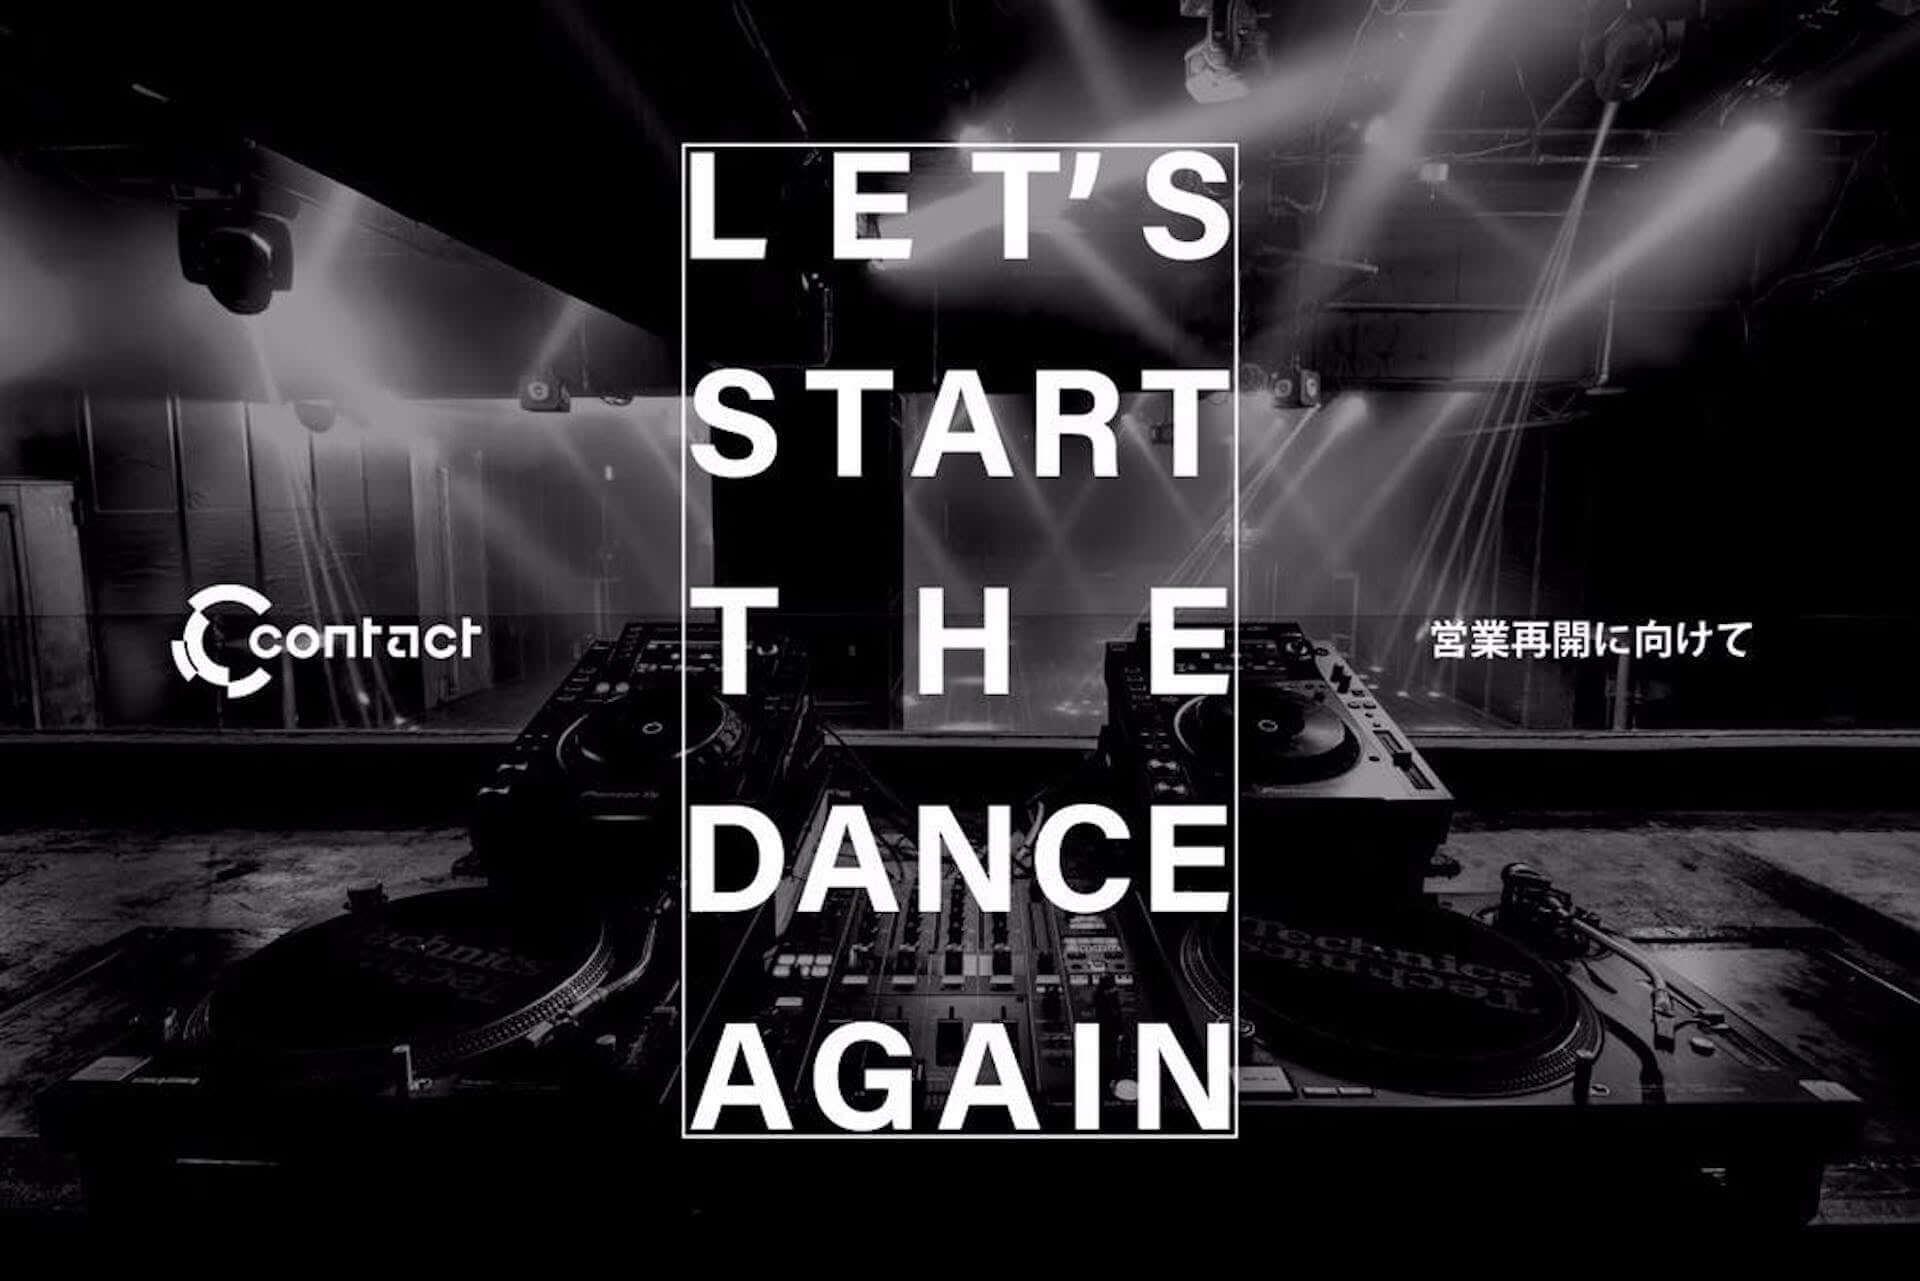 渋谷のクラブContactが営業再開に向けたクラウドファンディングを開始|Peggy Gou、Ben UFO、DJ NOBU、Barkerら出演者から応援の声多数 music200605_contact_1-1-1920x1281